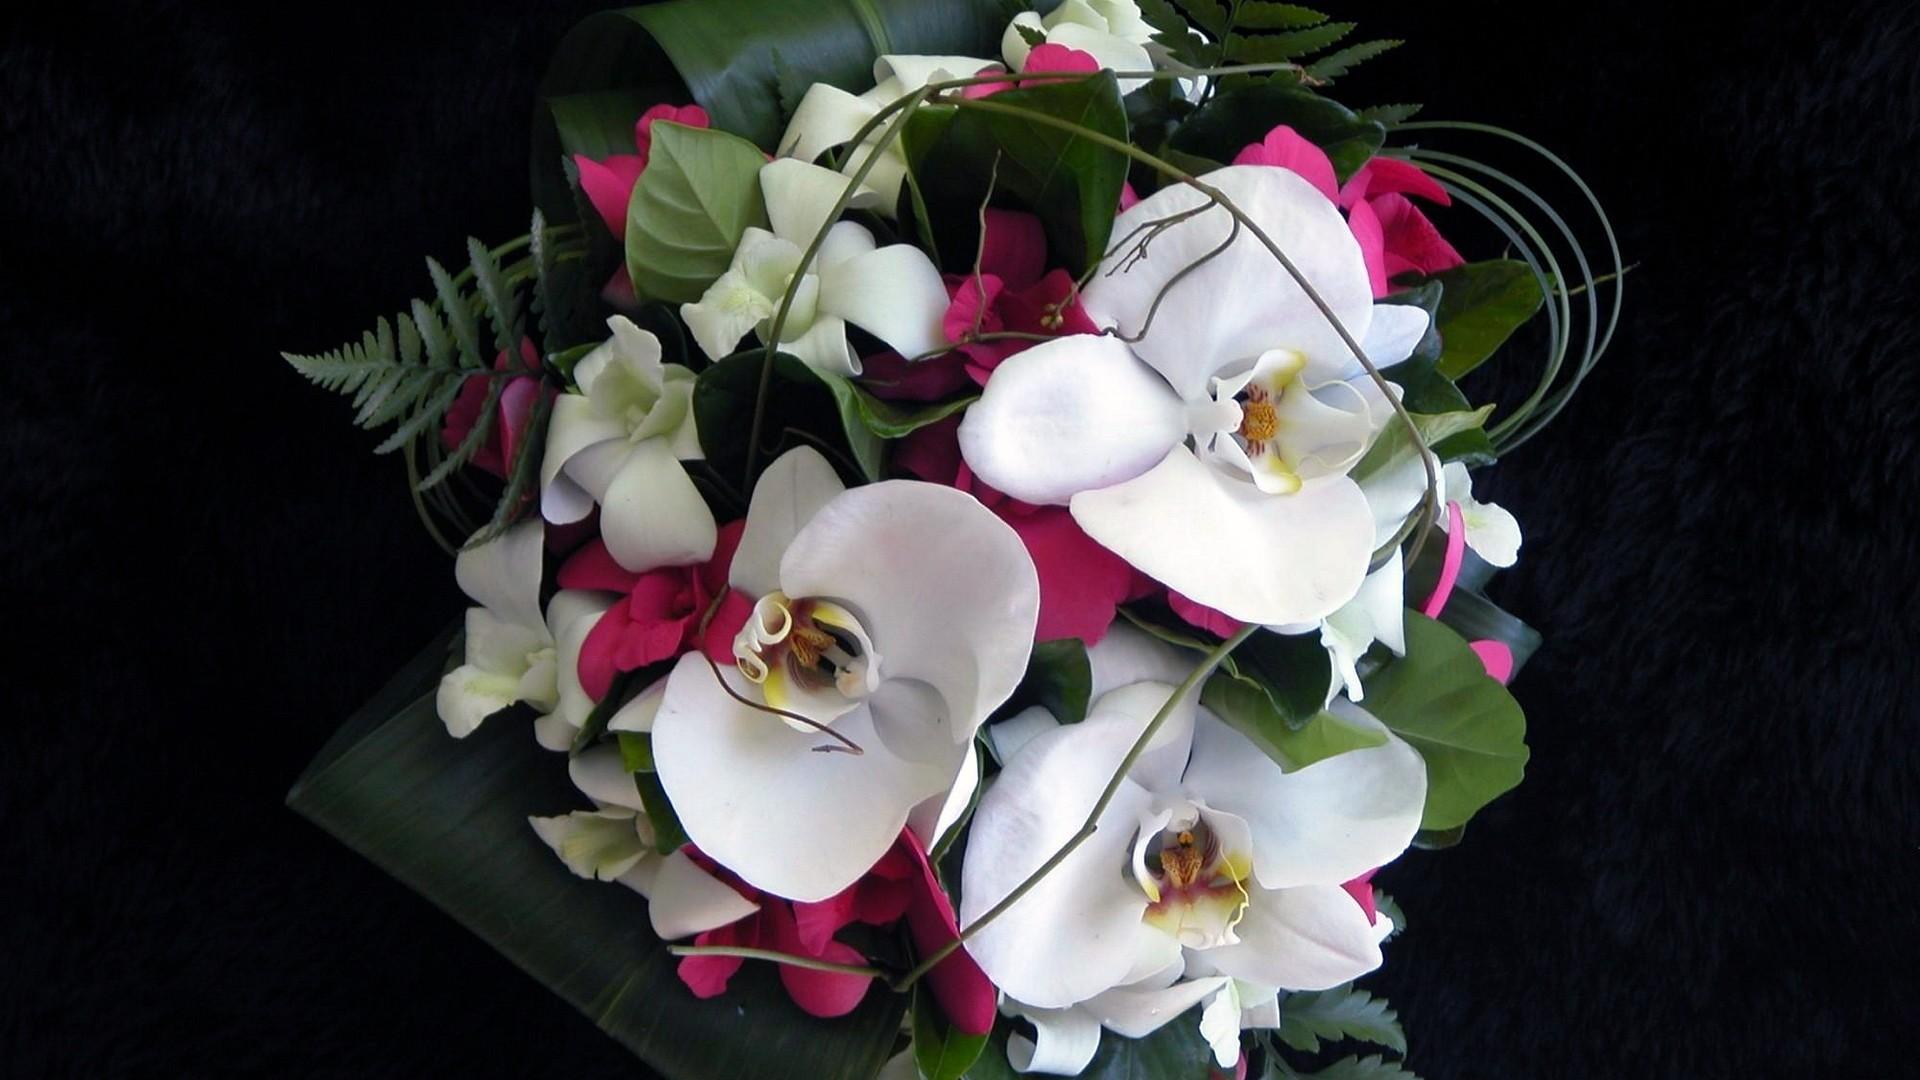 красивые букеты орхидей картинки может